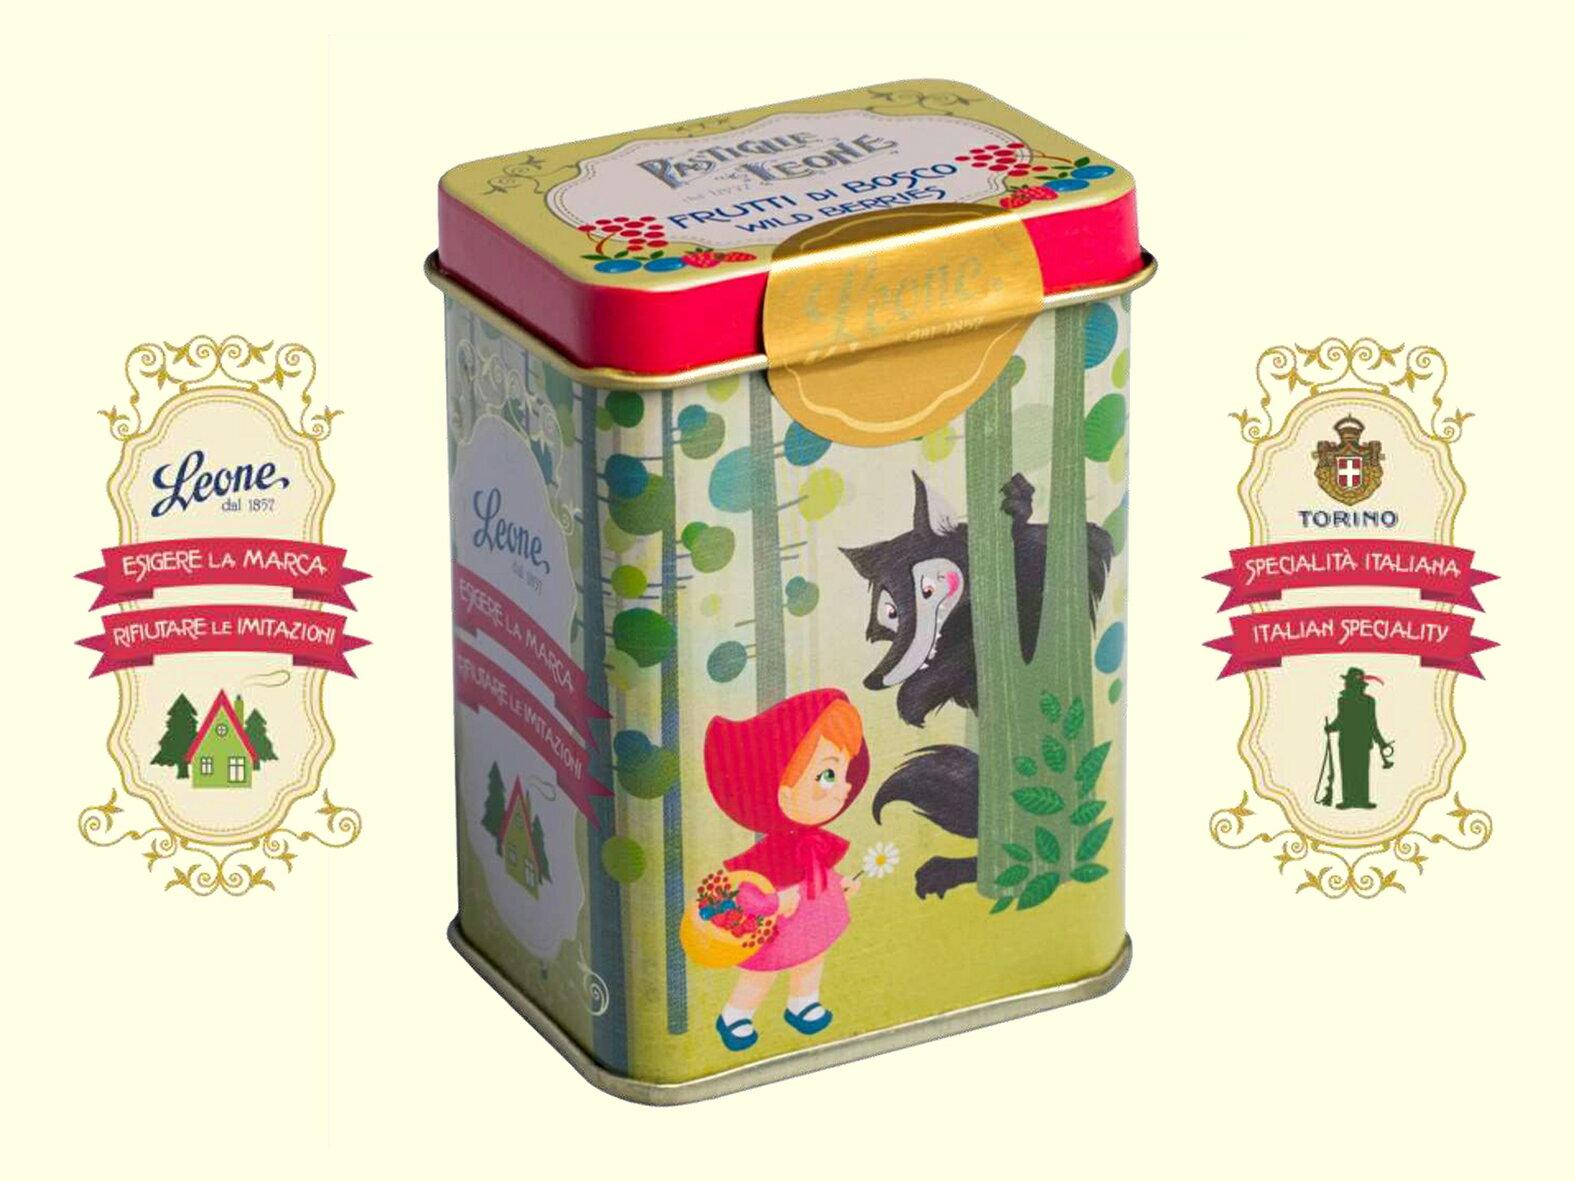 【PASTIGLIE LEONE里歐雷糖果】童話系列鐵罐★小紅帽~綜合莓果★ - 限時優惠好康折扣